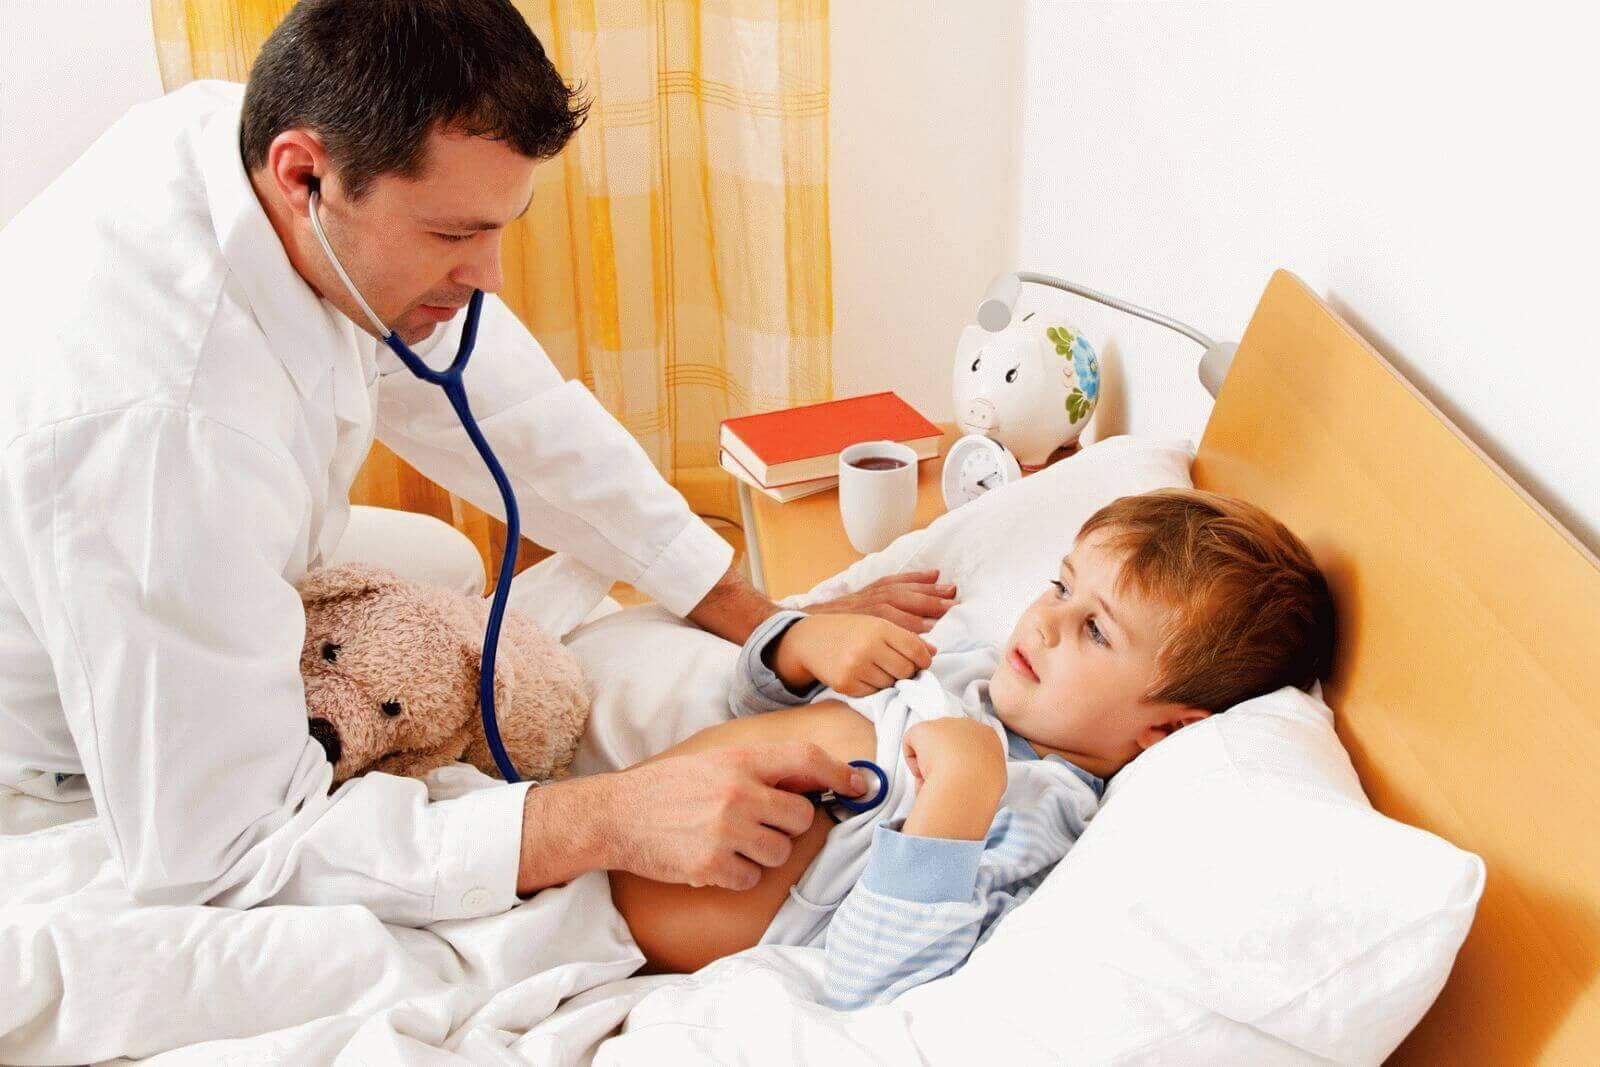 Врач слушает ребенка стетоскопом